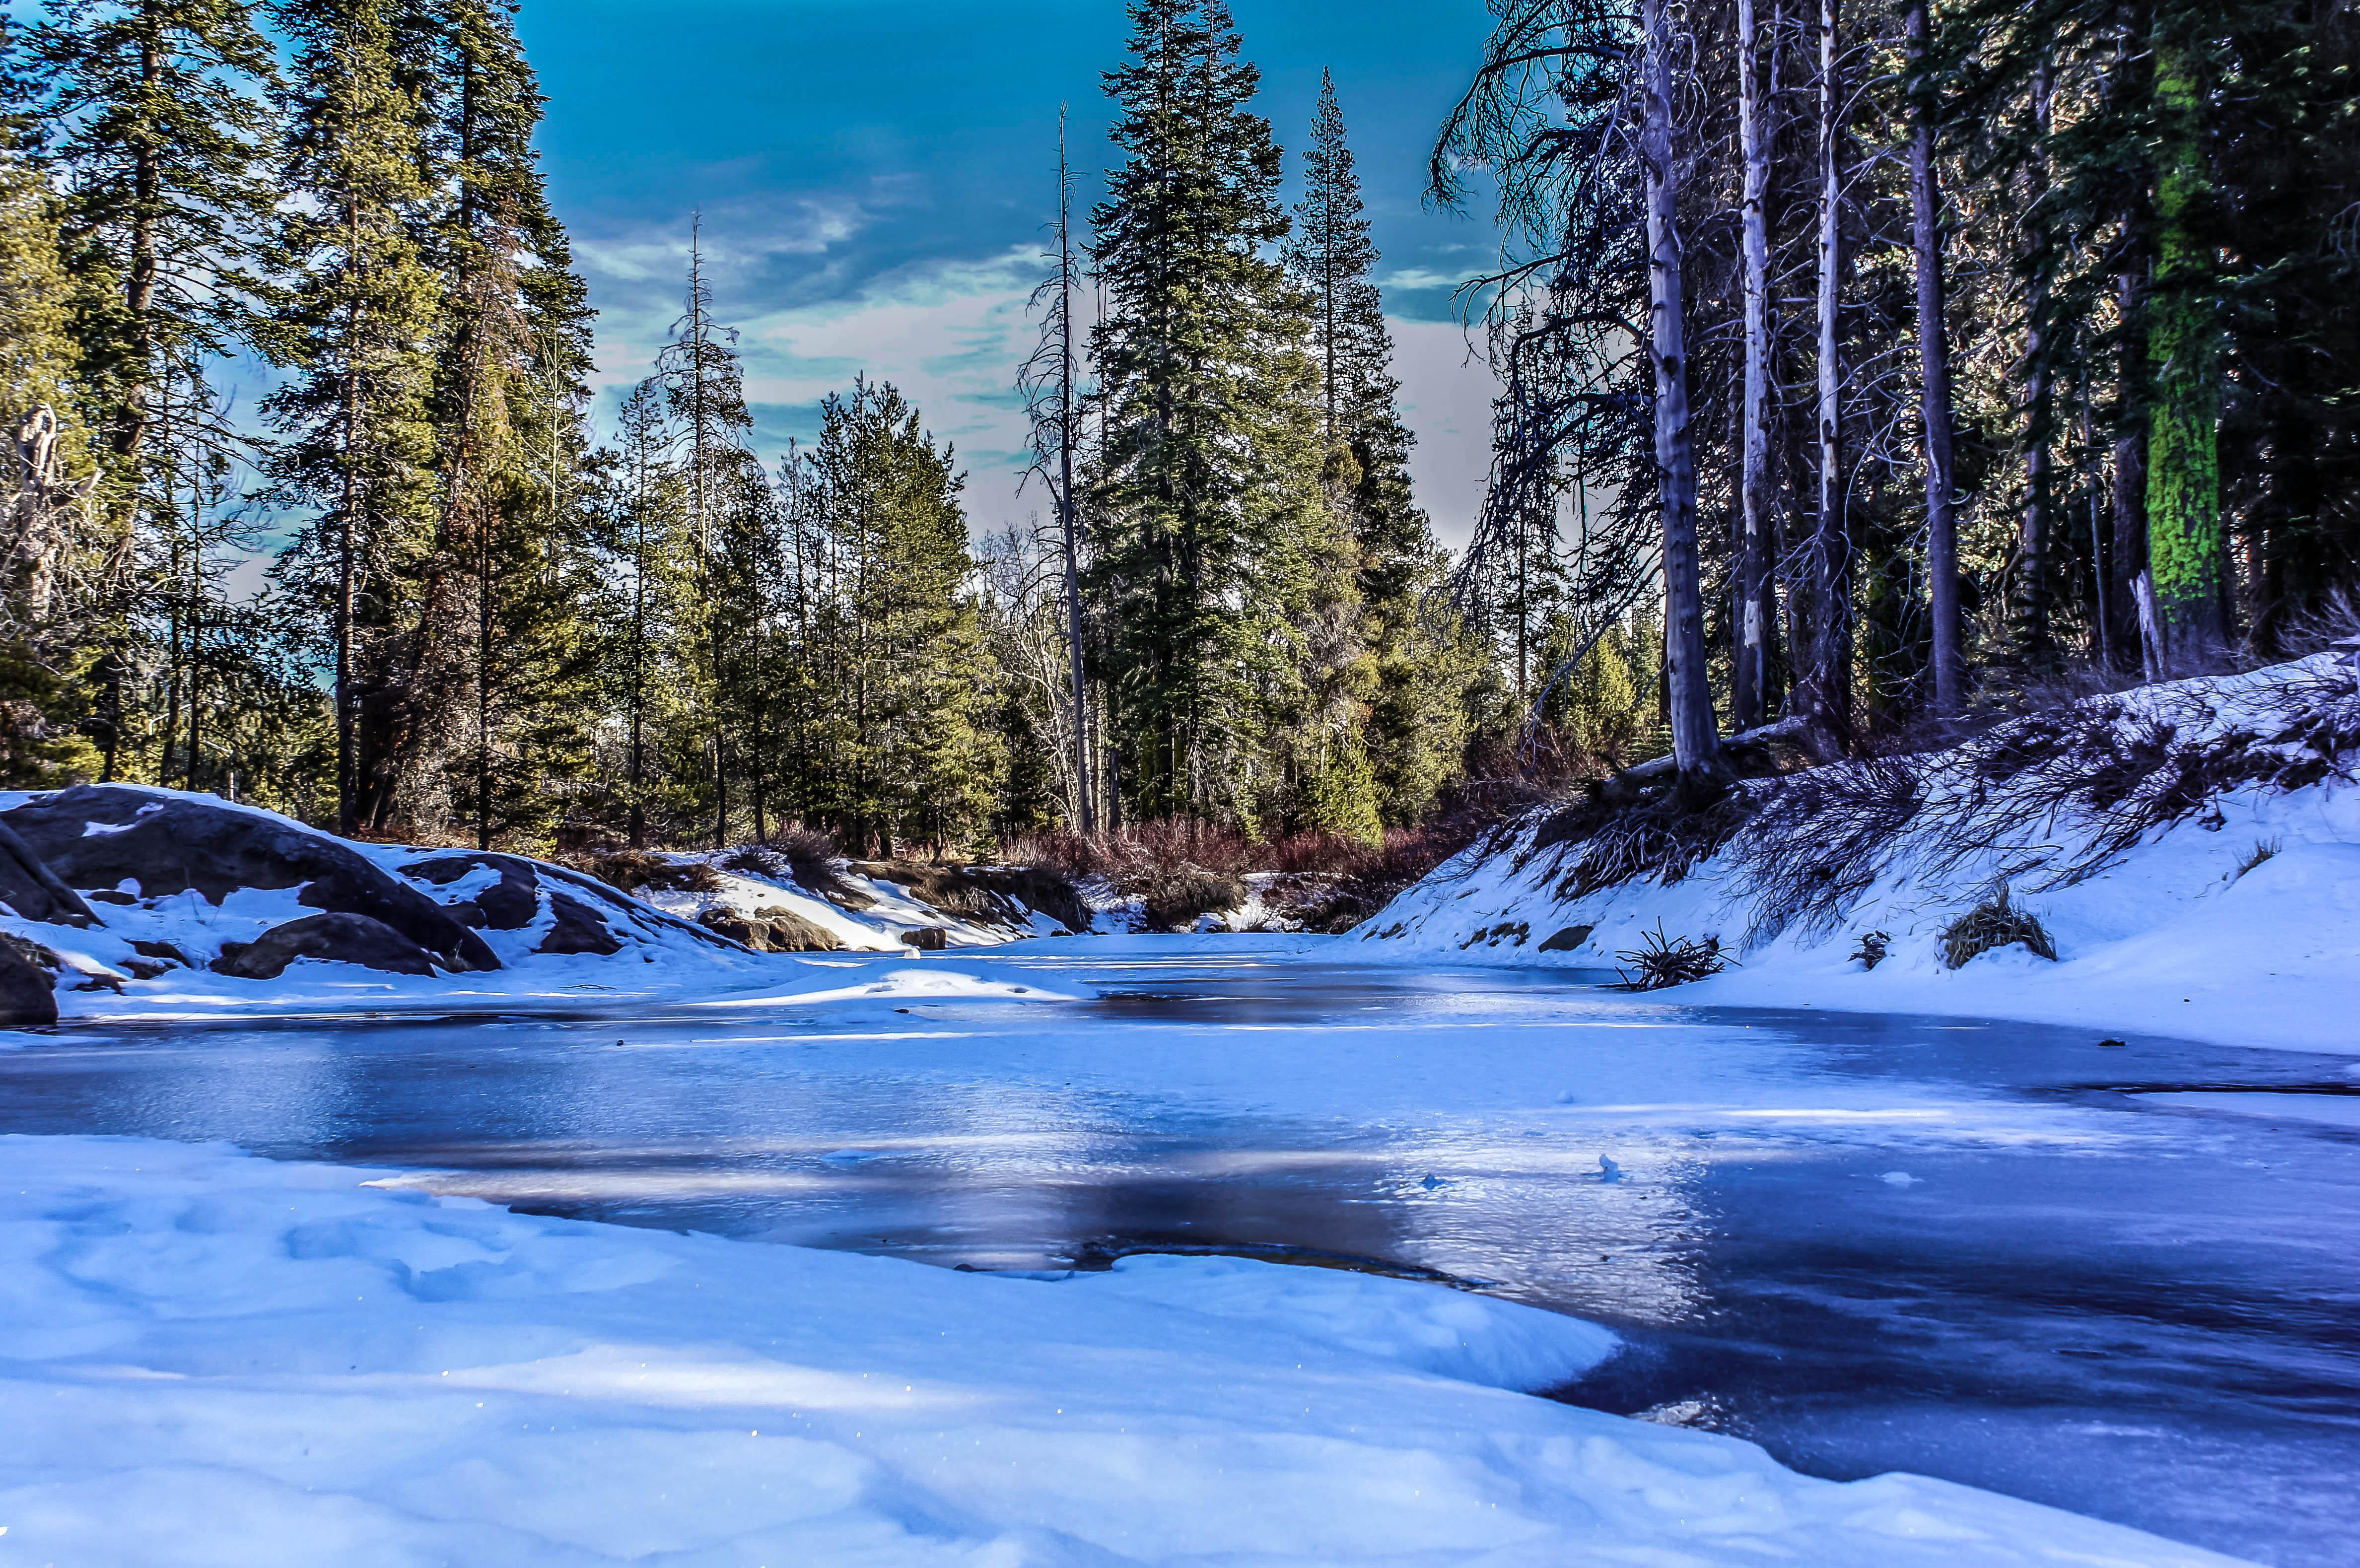 hermosas fotos de invierno naturaleza Fondos De Pantalla Invierno Naturaleza Nieve Hielo